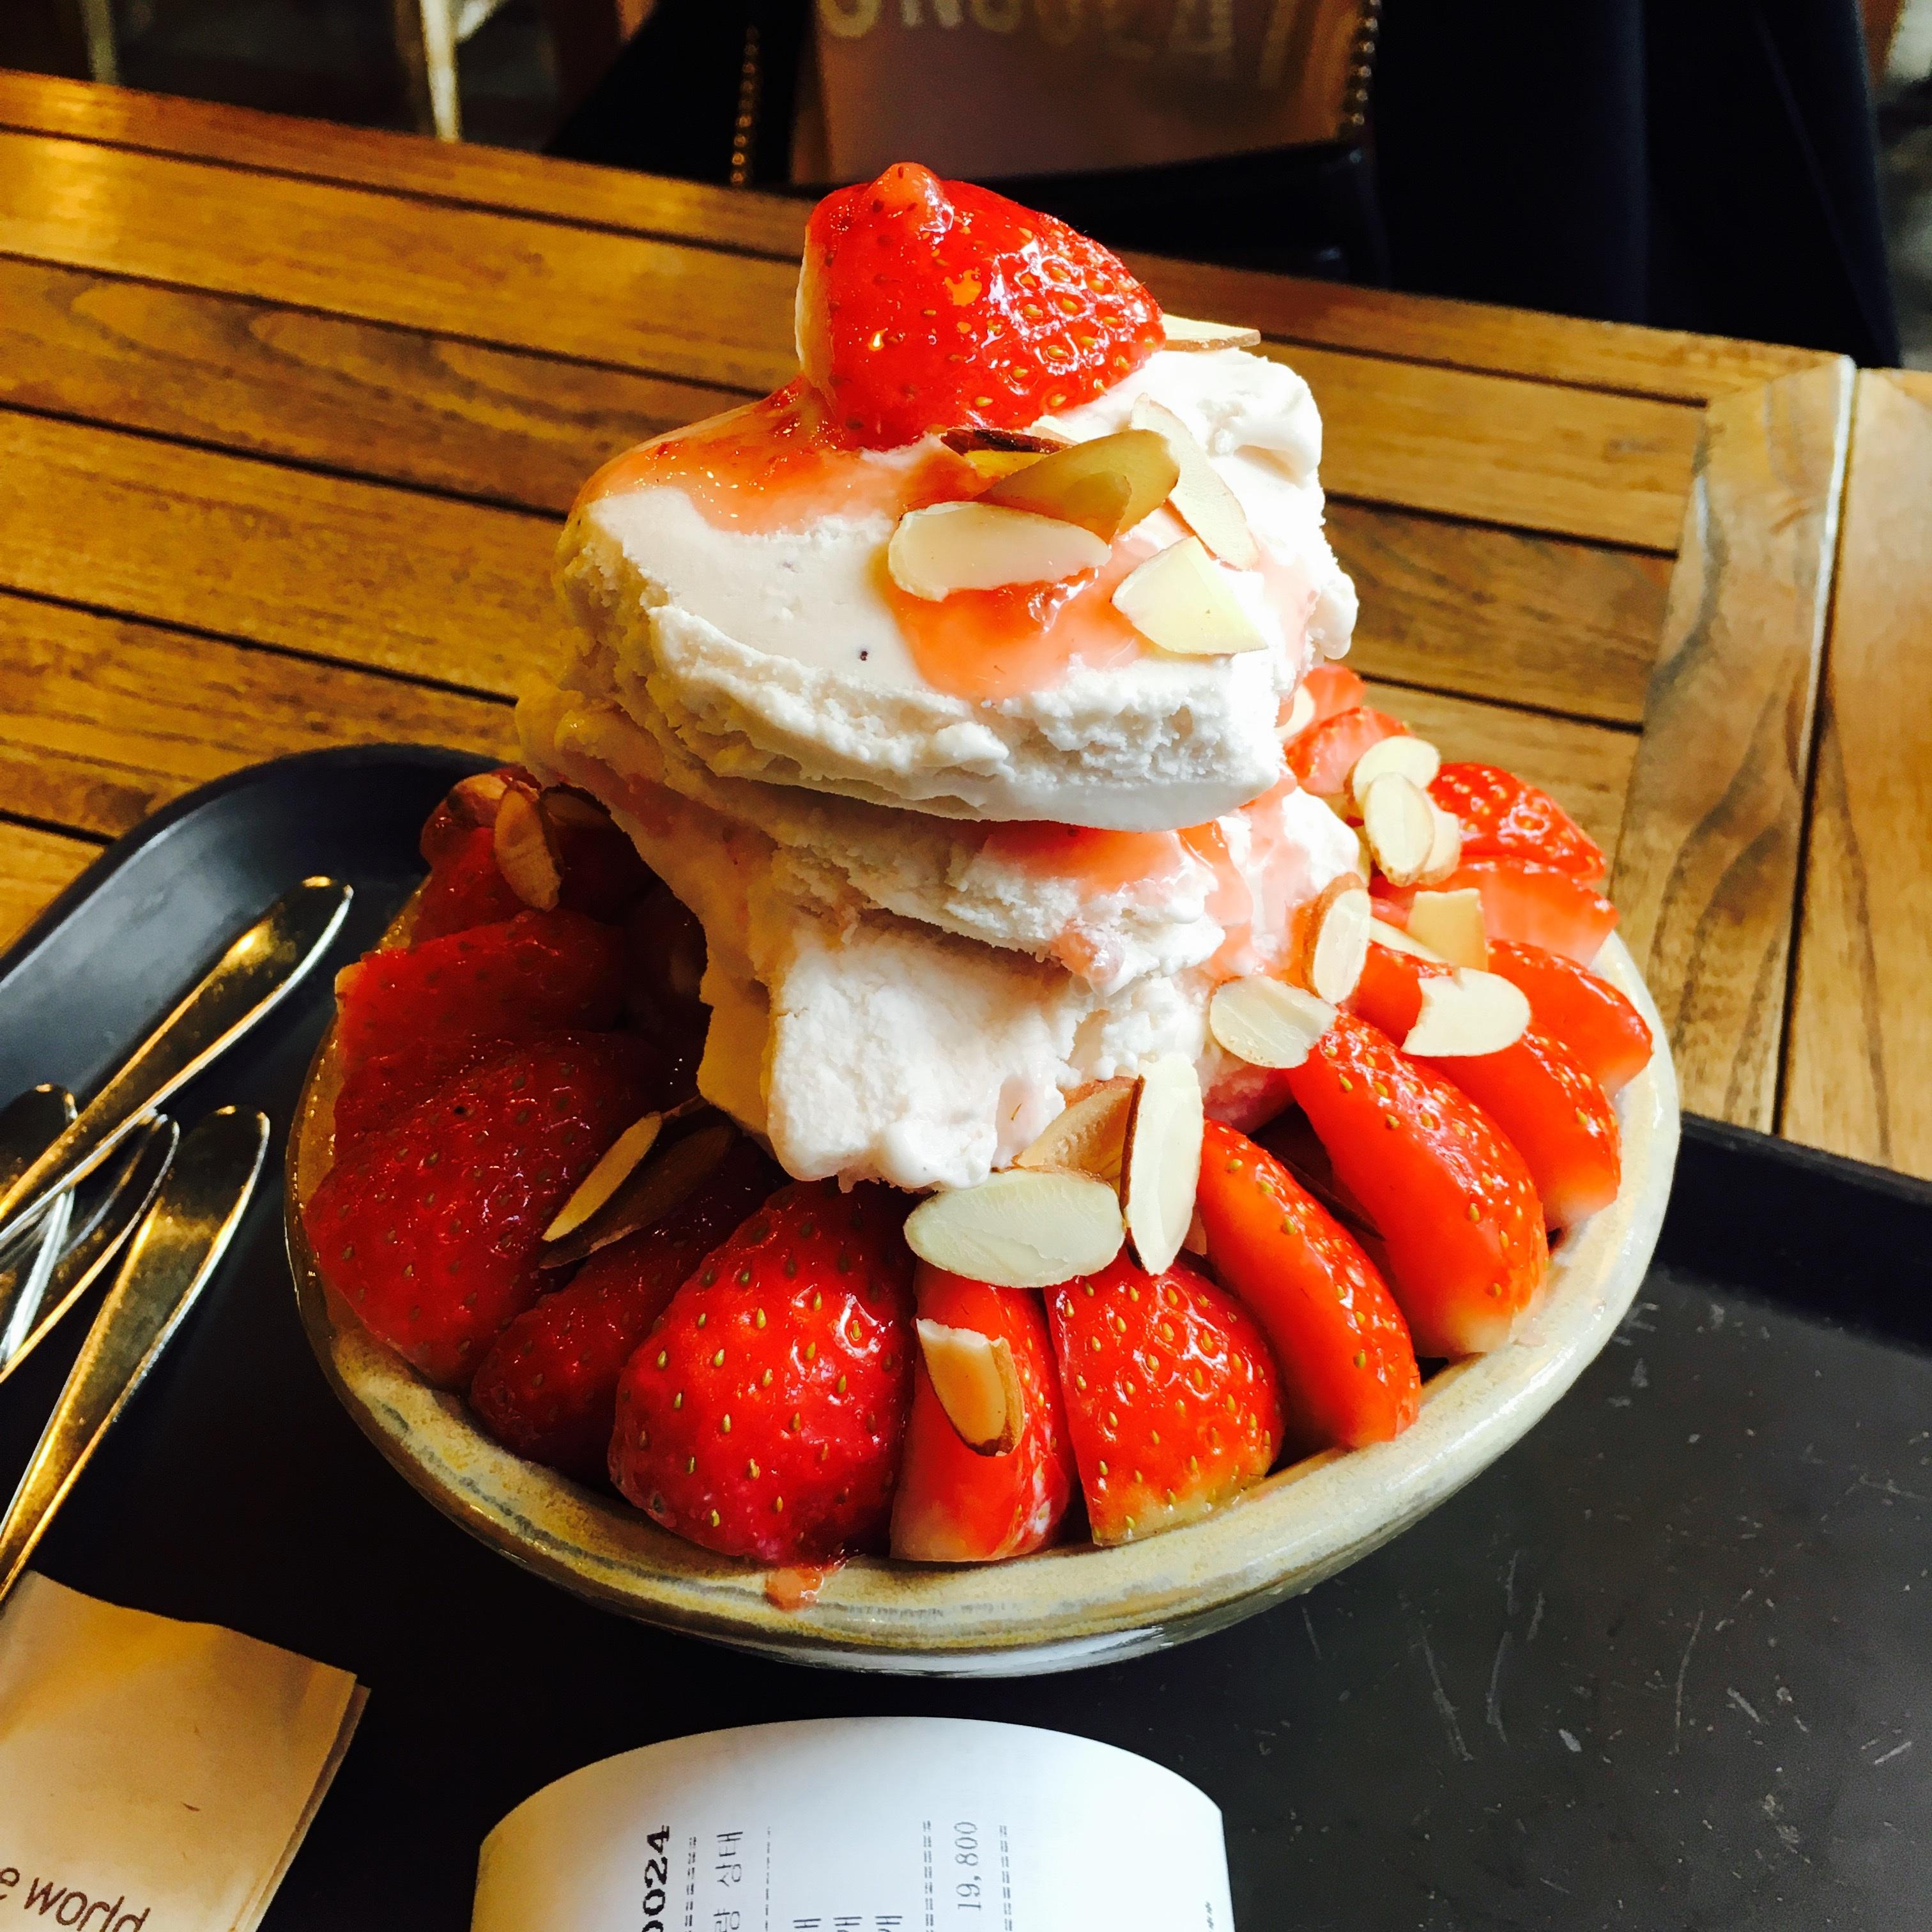 Fotos gratis : cafetería, dulce, verano, hielo, plato, comida ...